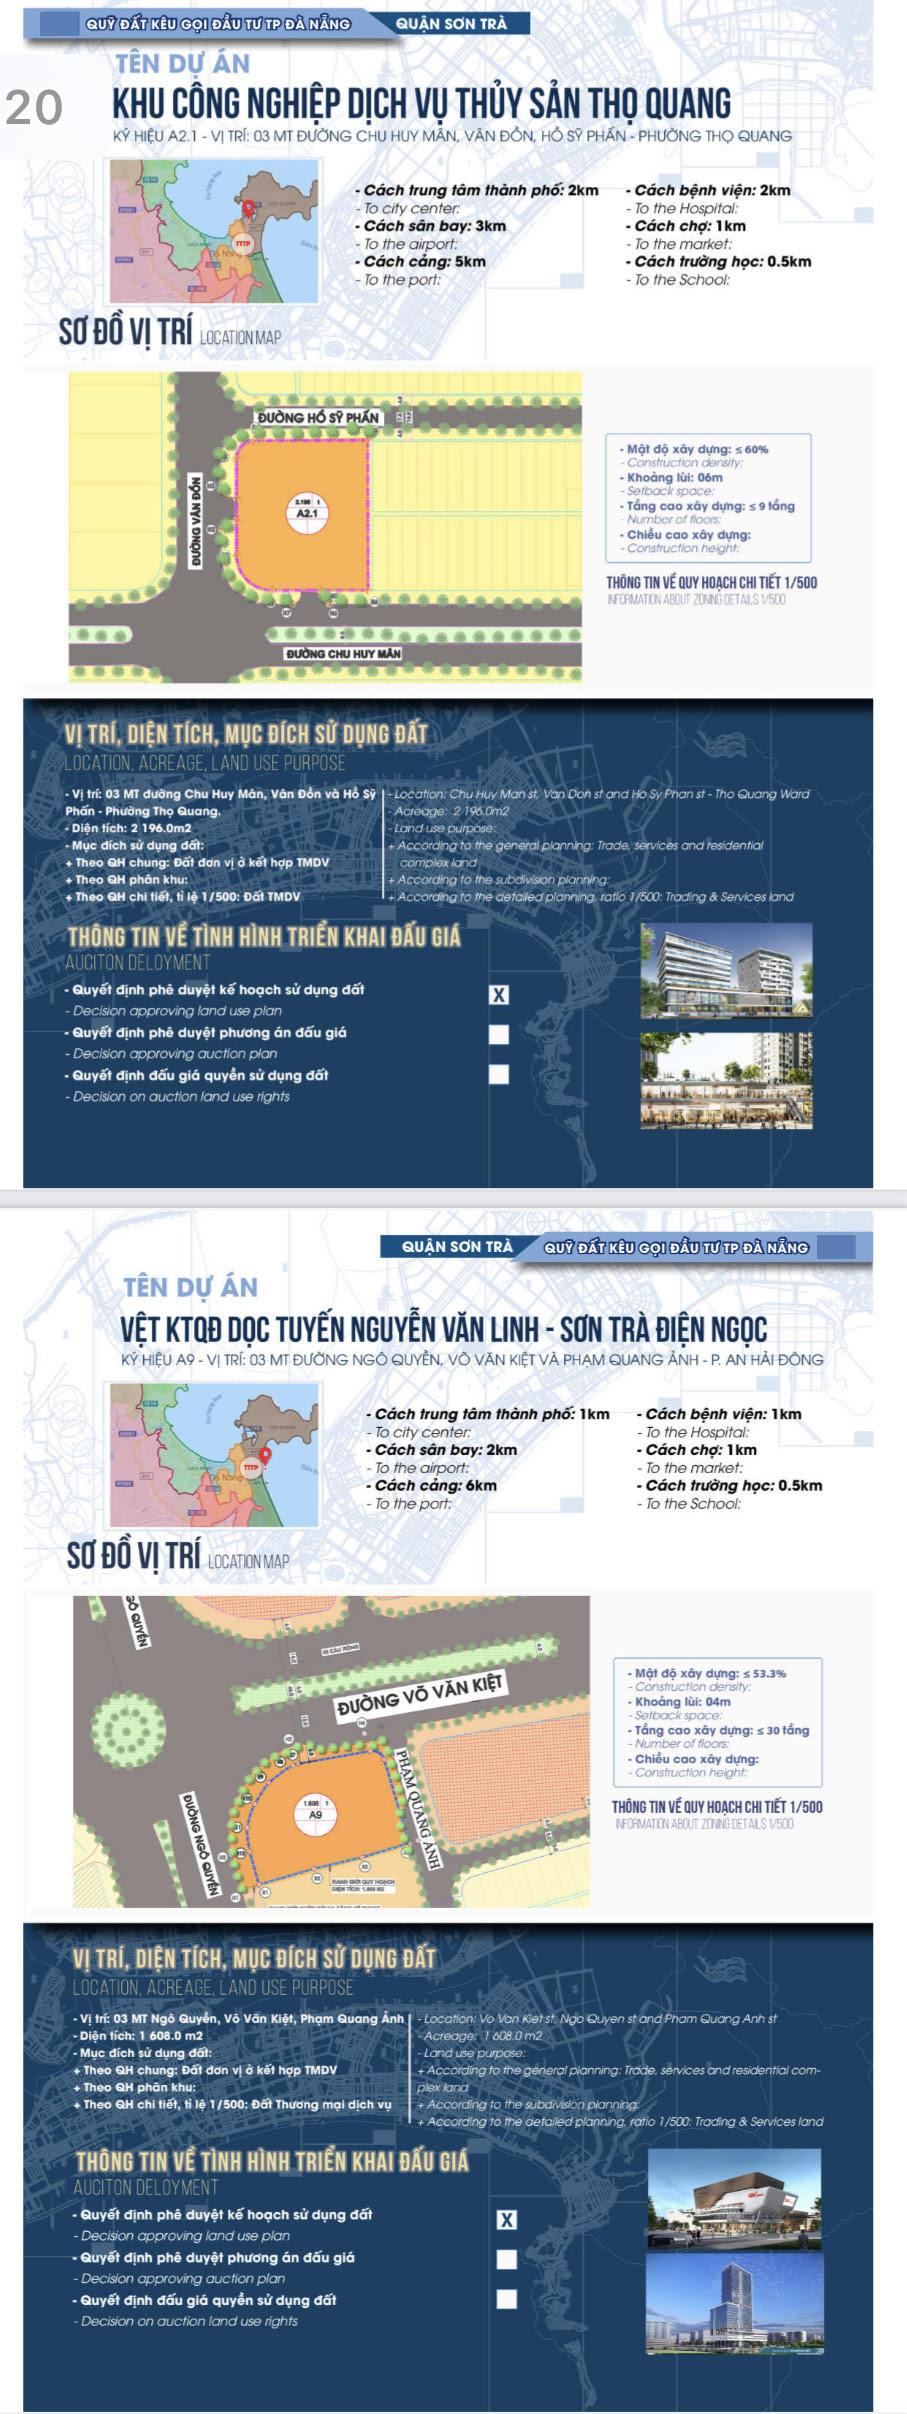 Sau sốt đất, Đà Nẵng bất ngờ công bố chi tiết 22 khu đất sạch kêu gọi đầu tư - Ảnh 12.